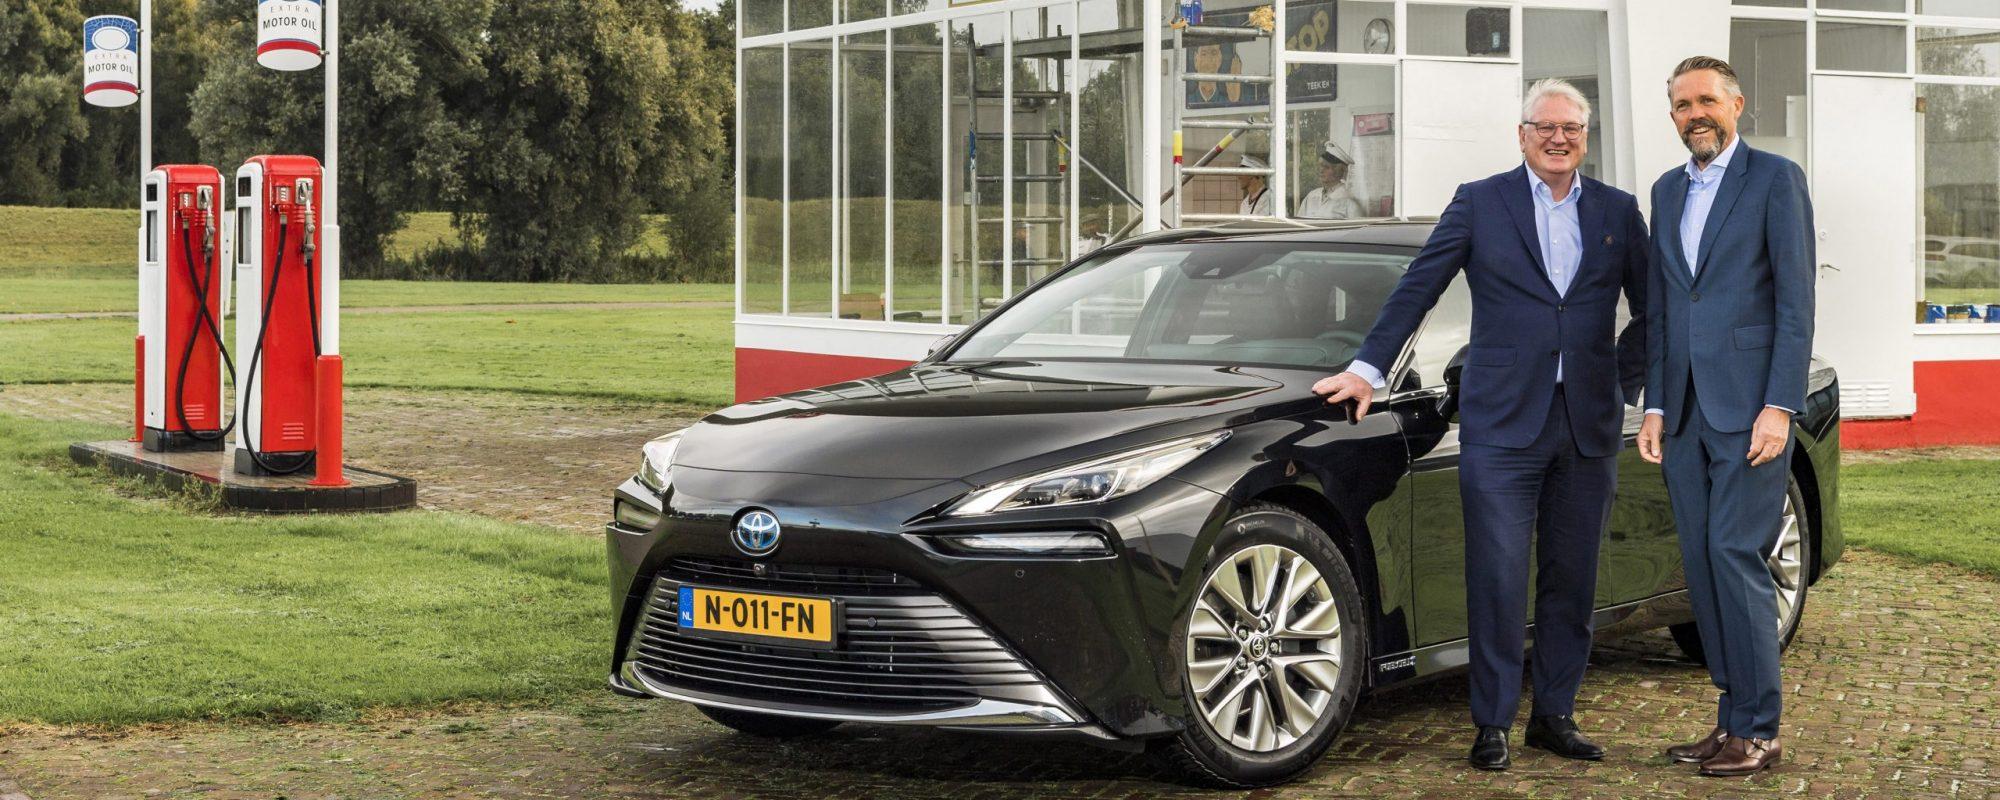 Directeur Koninklijke Nederlandsche Automobiel Club kiest voor waterstof-elektrische Toyota Mirai